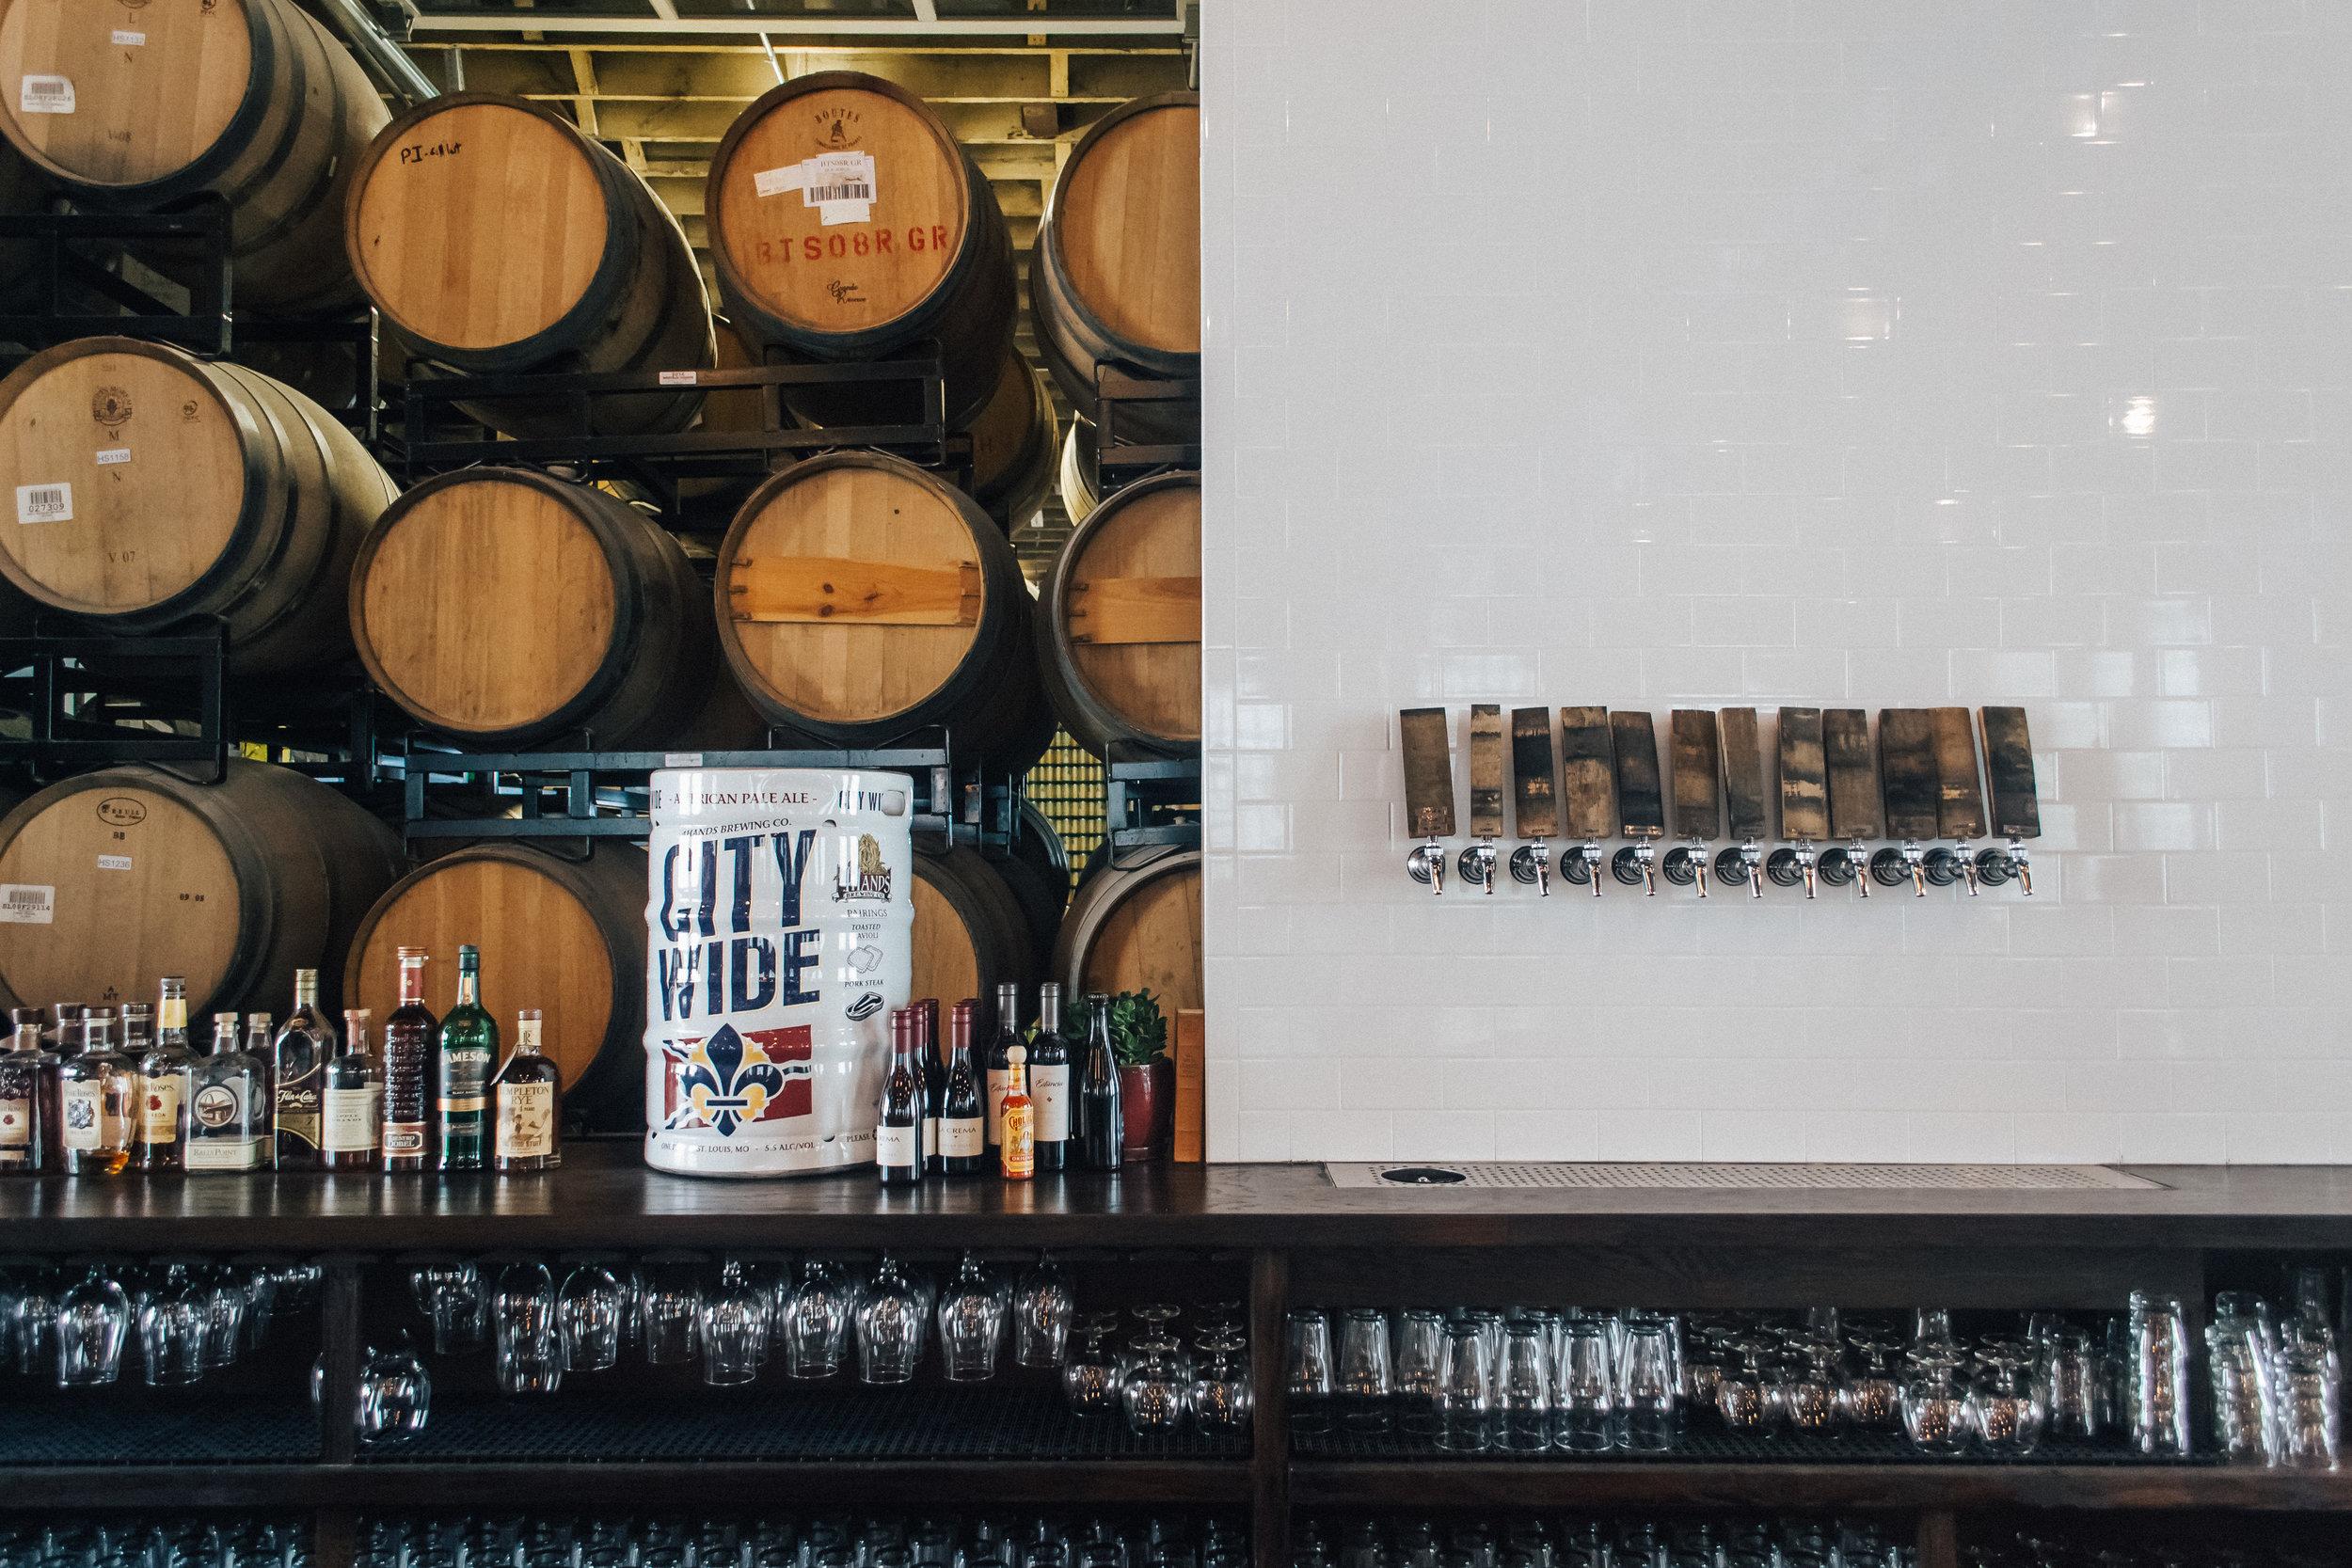 4-Hands-Brewing-St-Louis-Missouri-Beer-Matt-Sampson-Photography-Bar.jpg